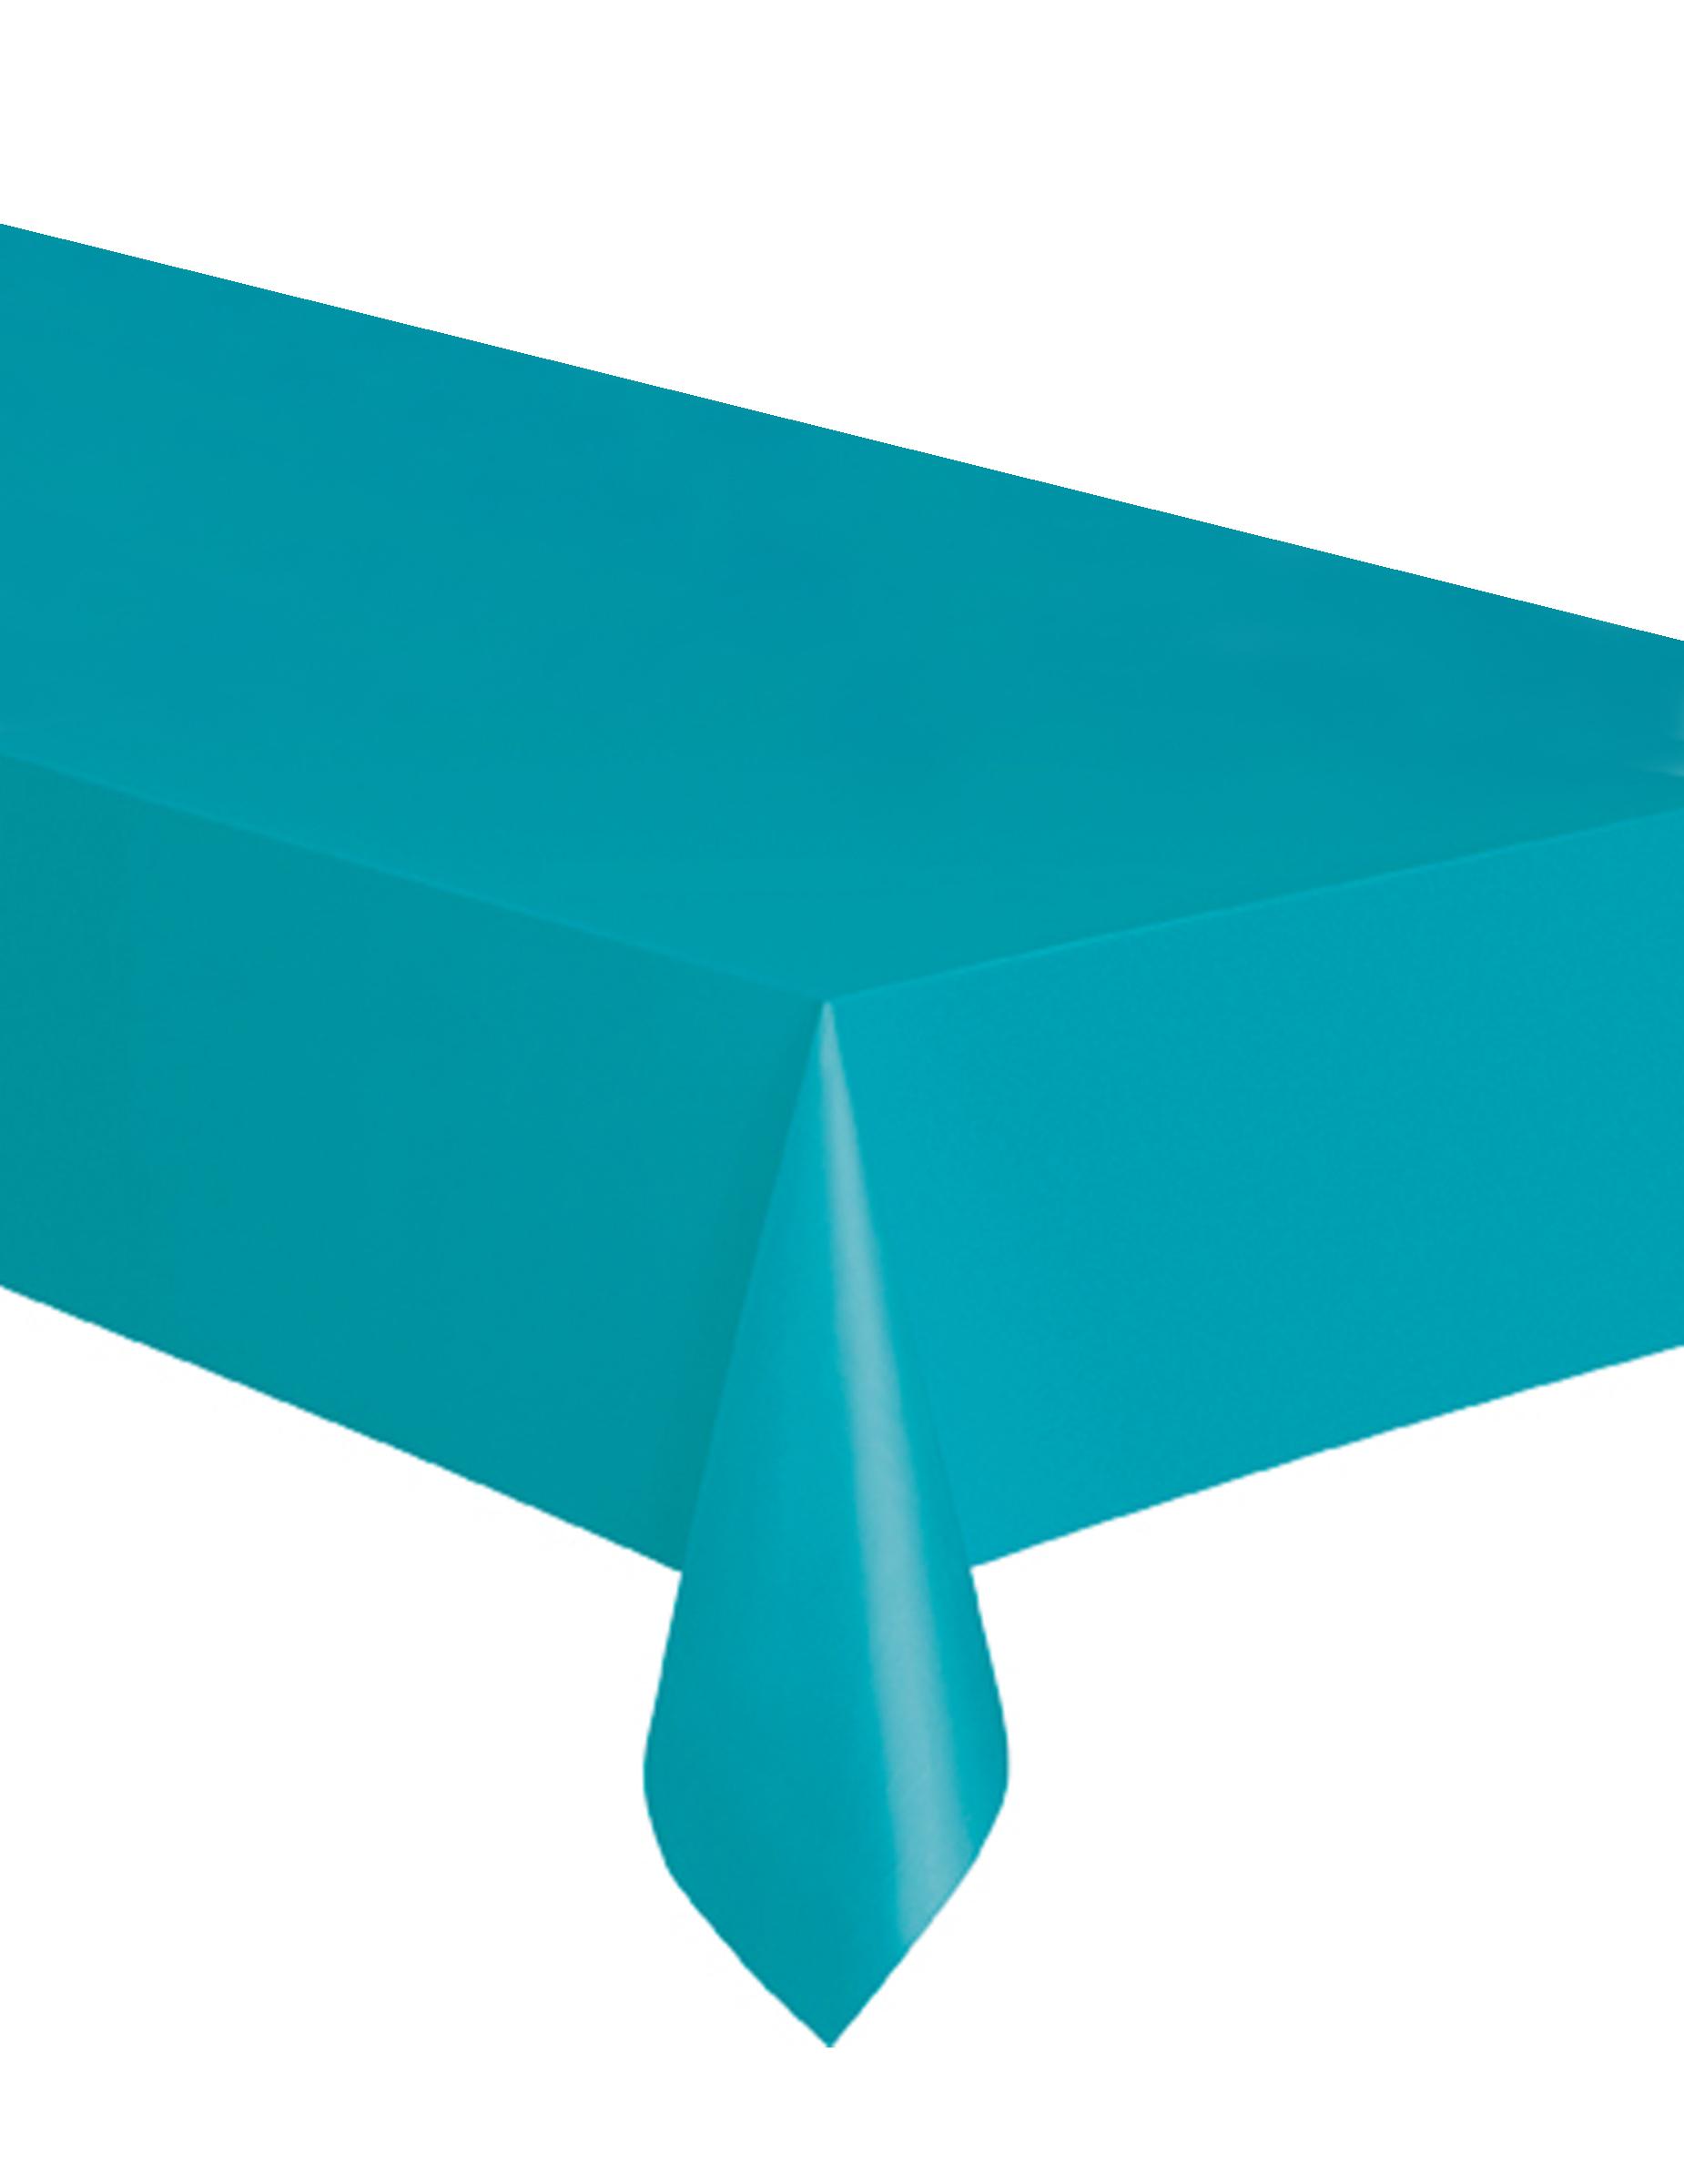 nappe rectangulaire en plastique bleu cara 239 be d 233 coration anniversaire et f 234 tes 224 th 232 me sur